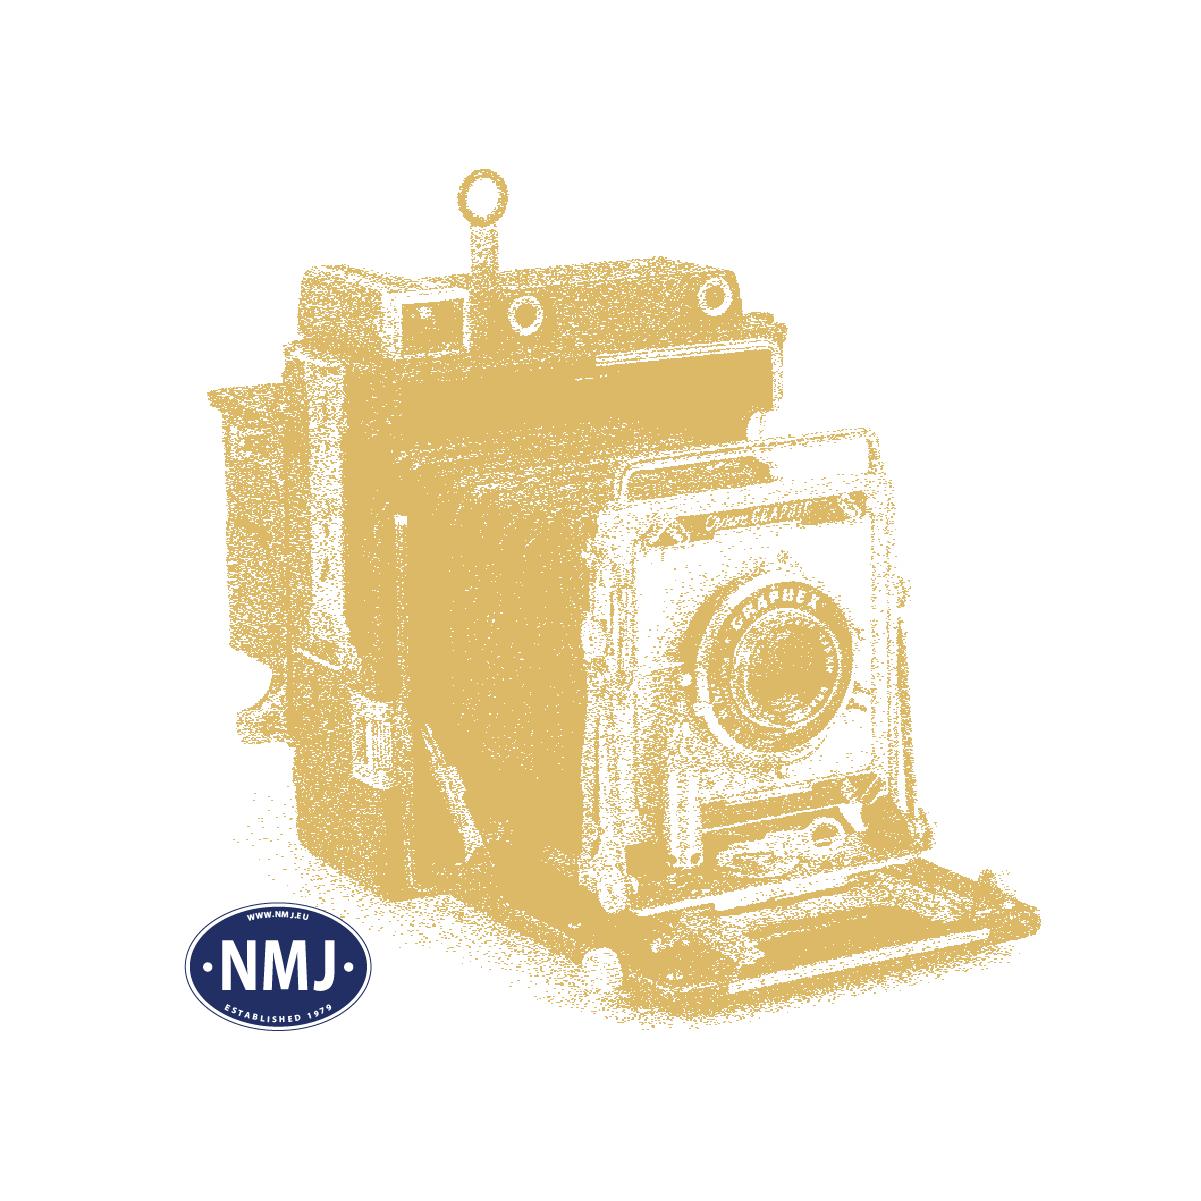 NMJT106.201 - NMJ Topline NSB B3K 25659 Mellomdesign